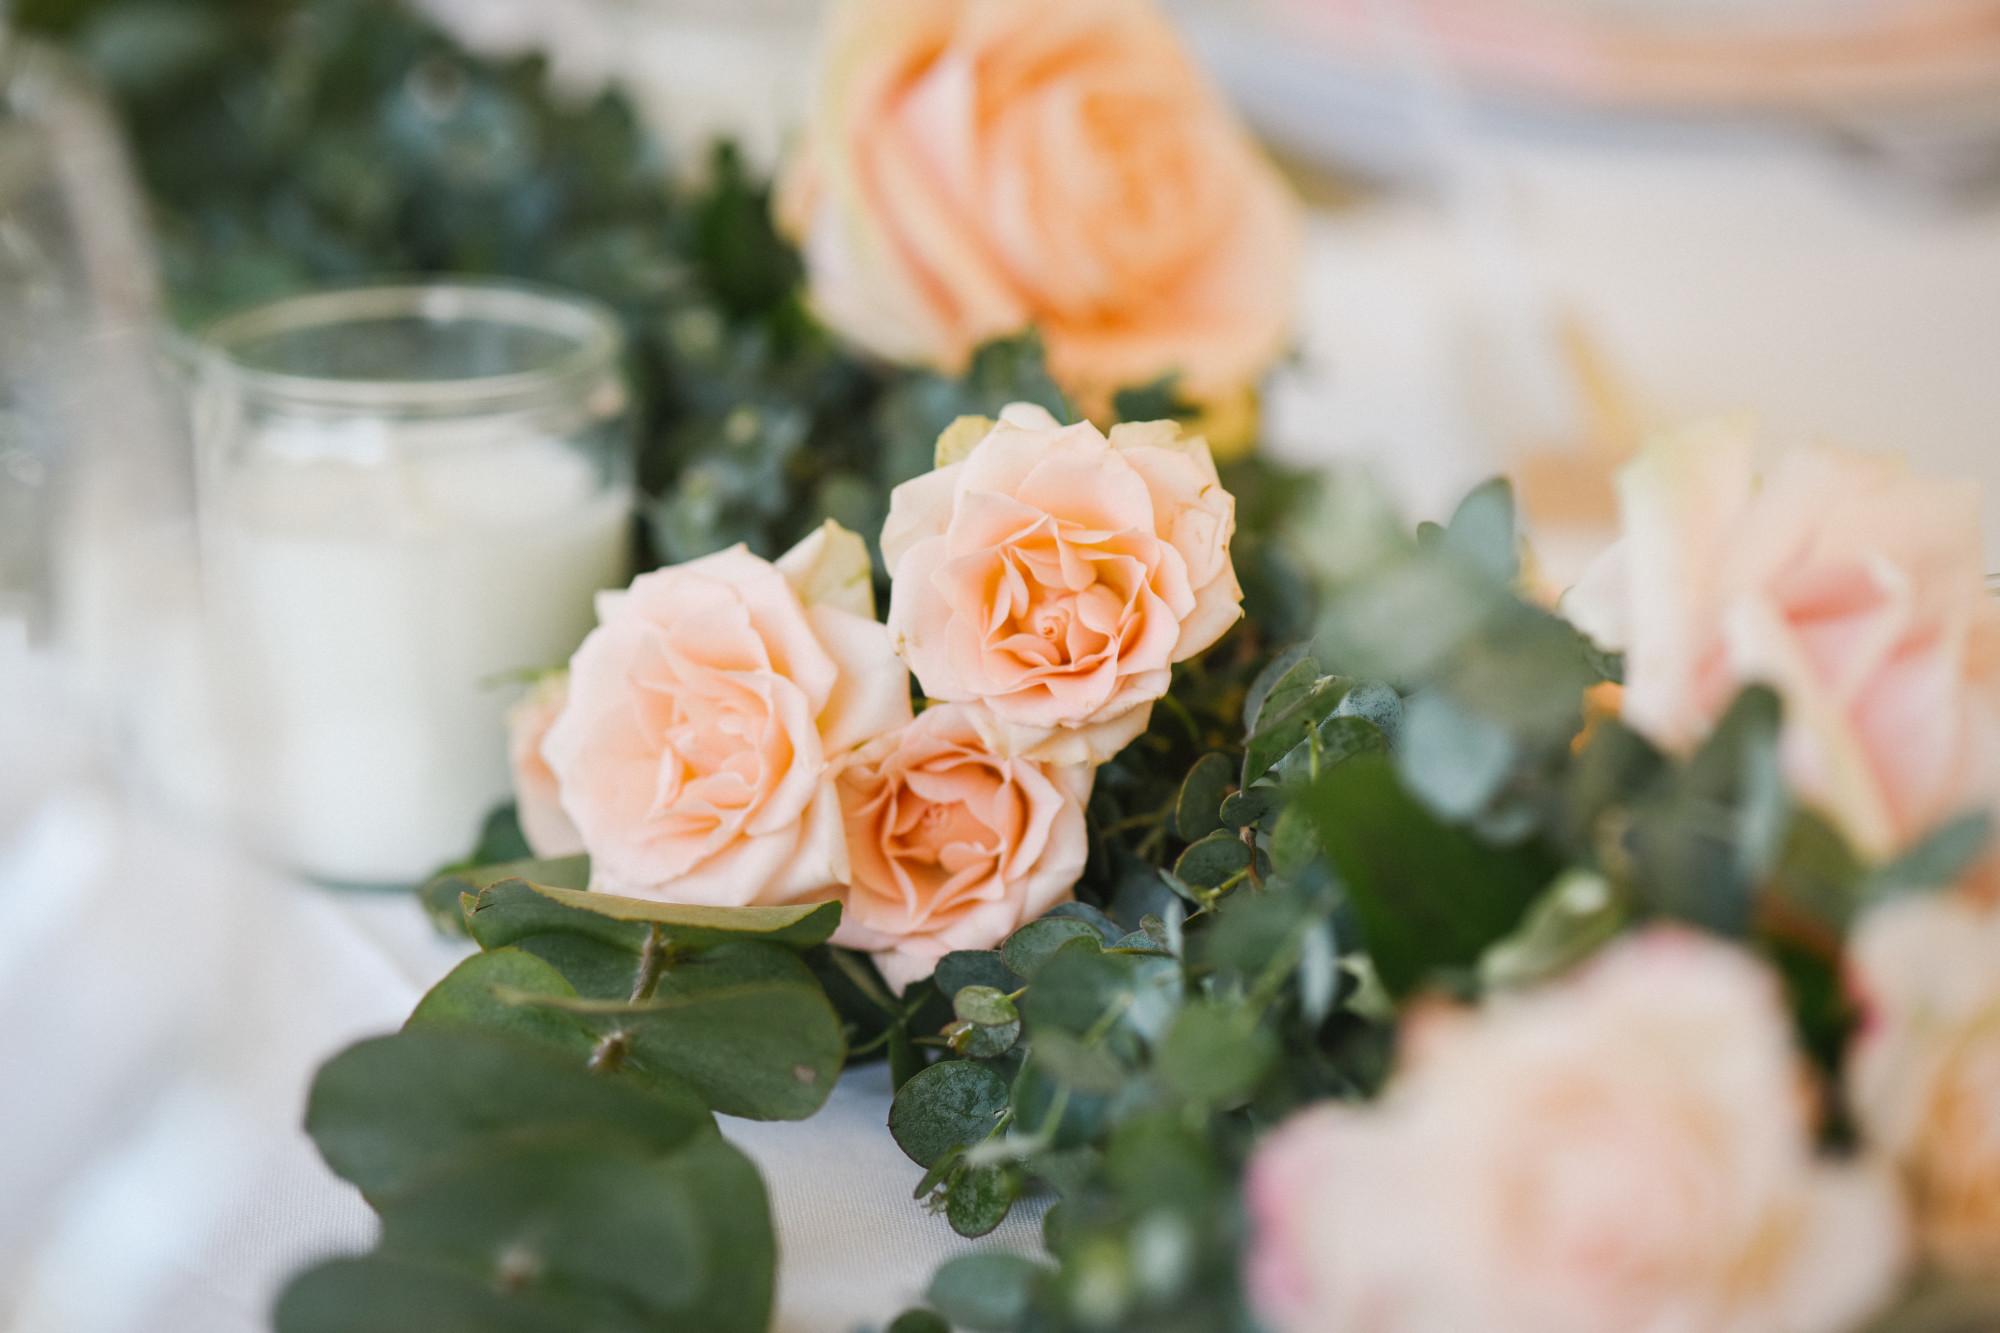 fleuriste mariage, fleur, mariage, décoration, fleuriste, floral designer